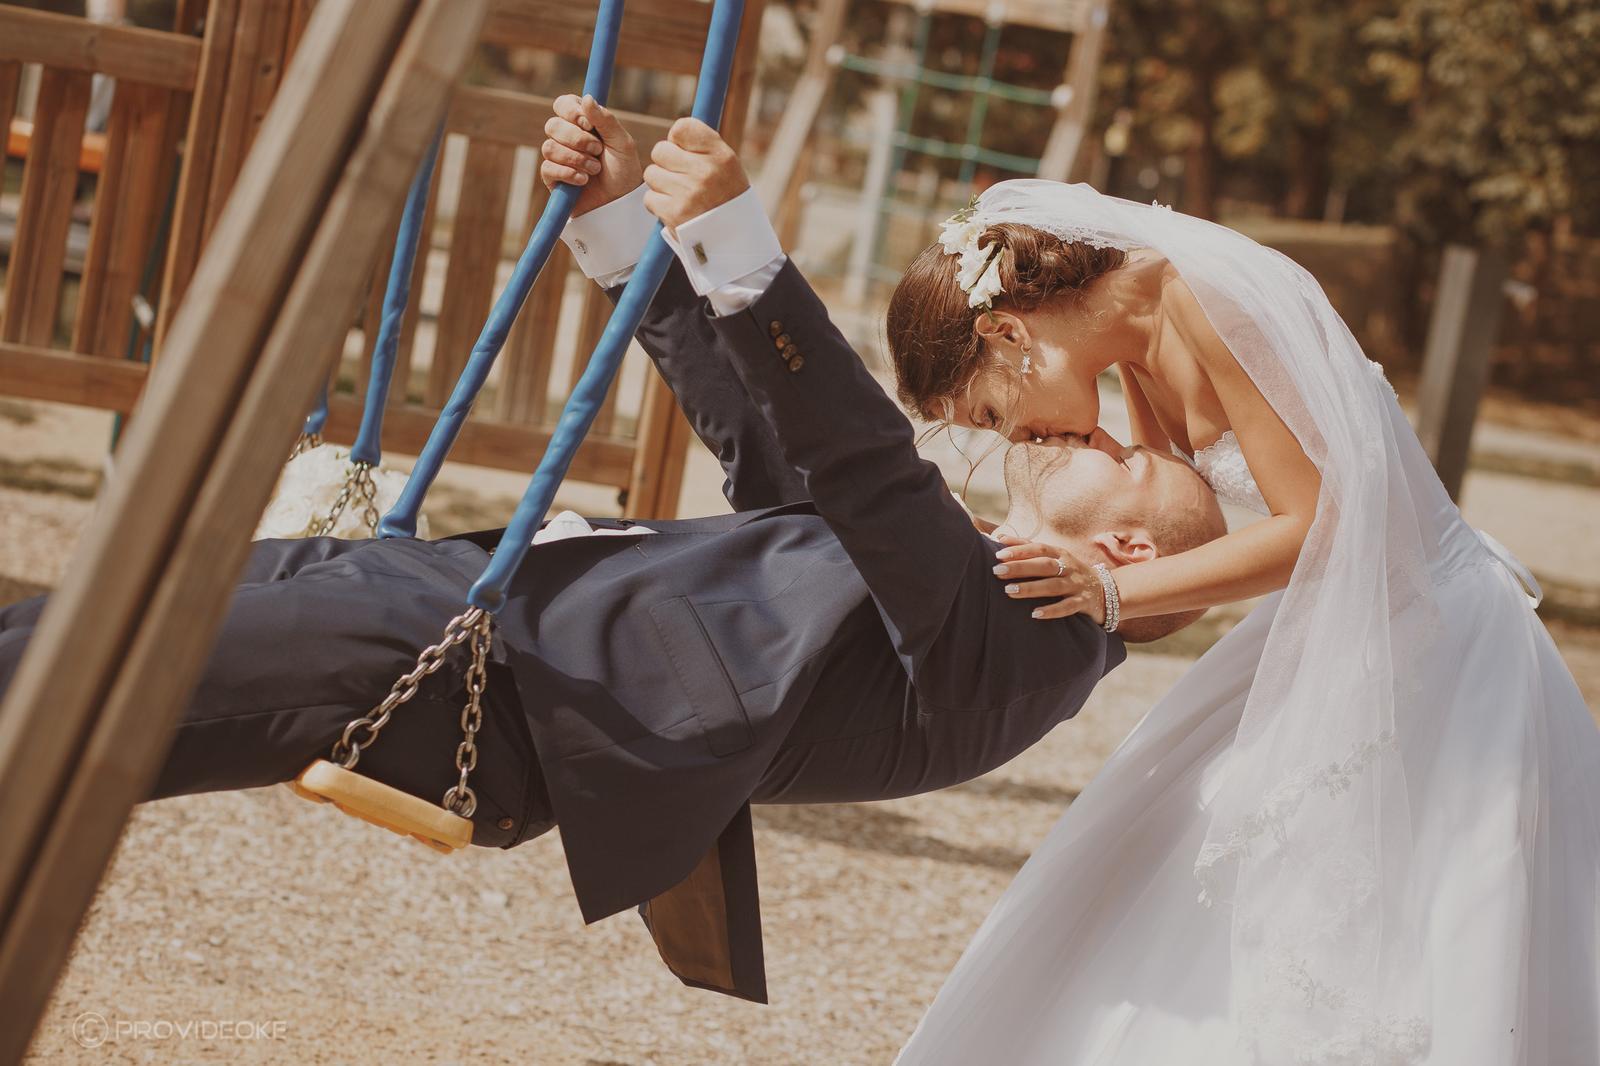 Svadobné príbehy ... - Obrázok č. 5